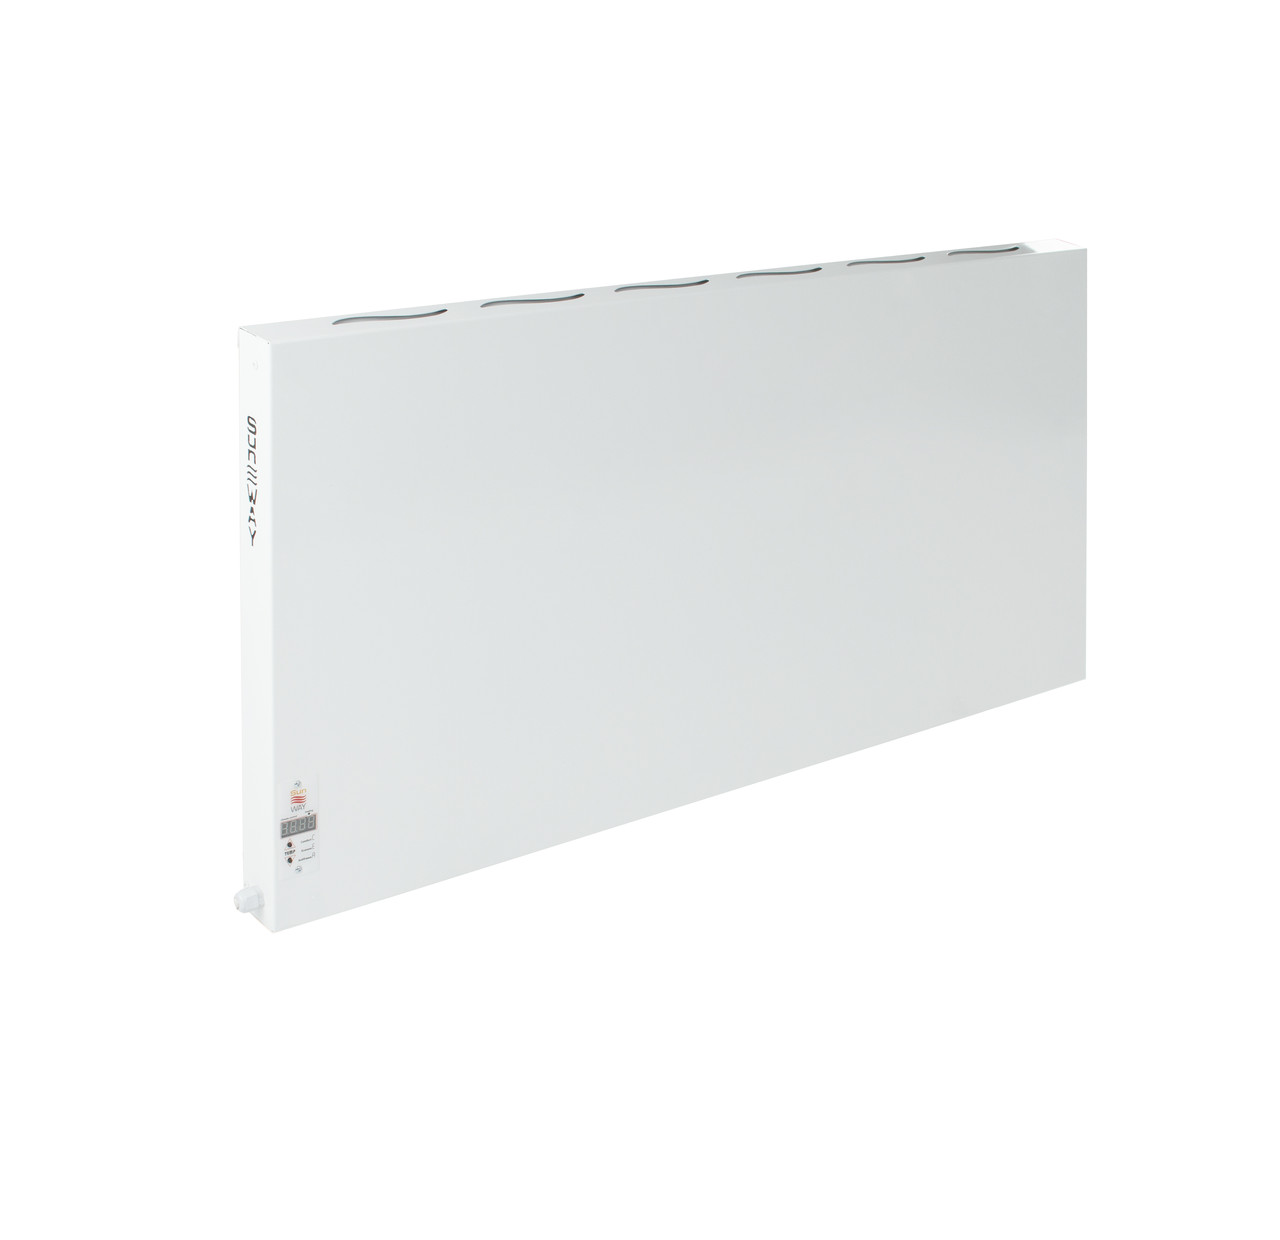 Инфракрасный металлический обогреватель (конвектор) SWH RE-1000 (с терморегулятором)